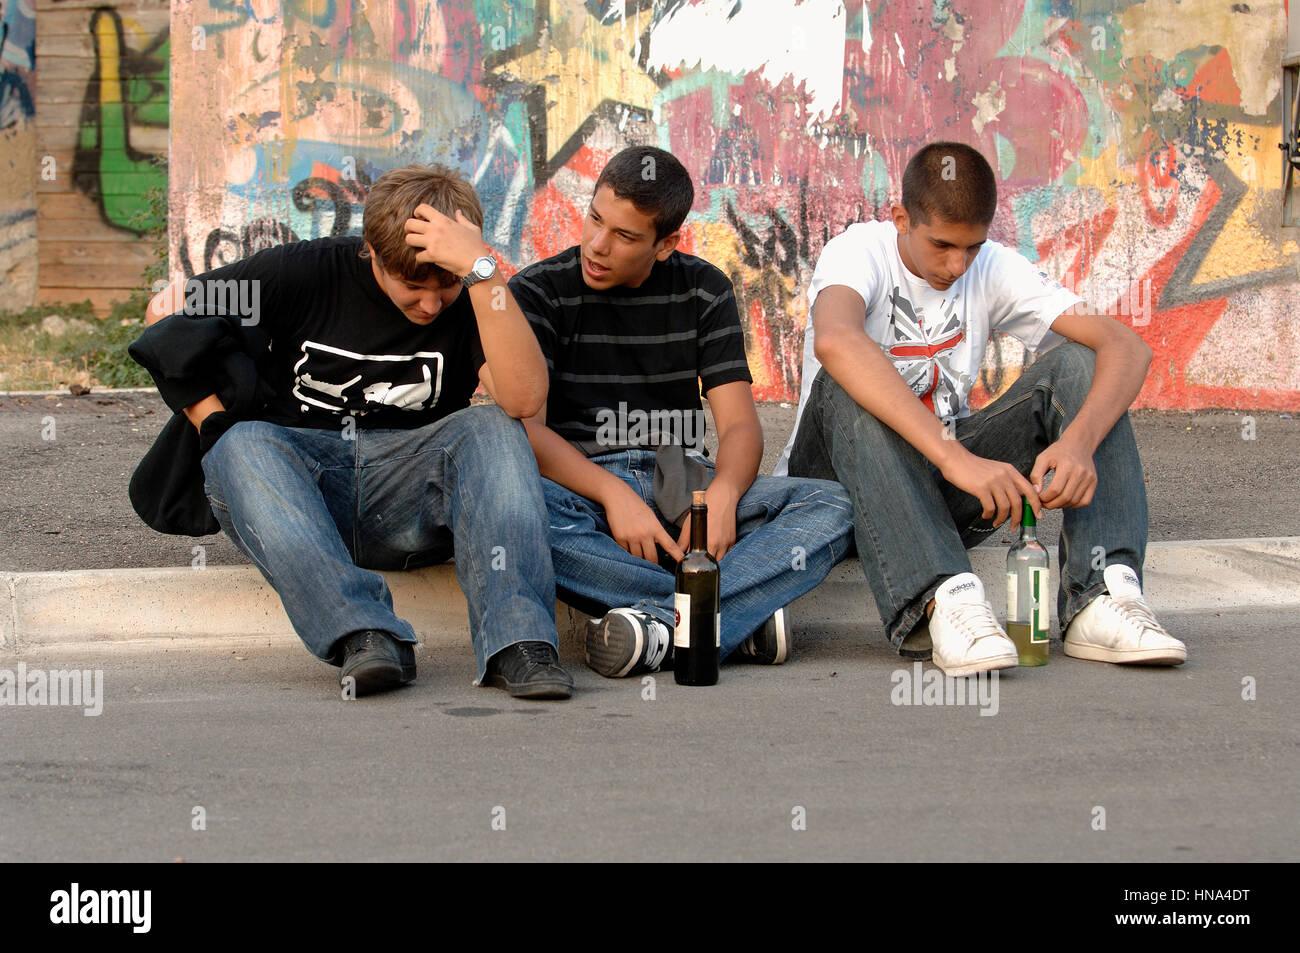 Grupo de adolescentes con una botella de vino el crédito © Luigi Innamorati/Sintesi/Alamy Stock Photo Imagen De Stock